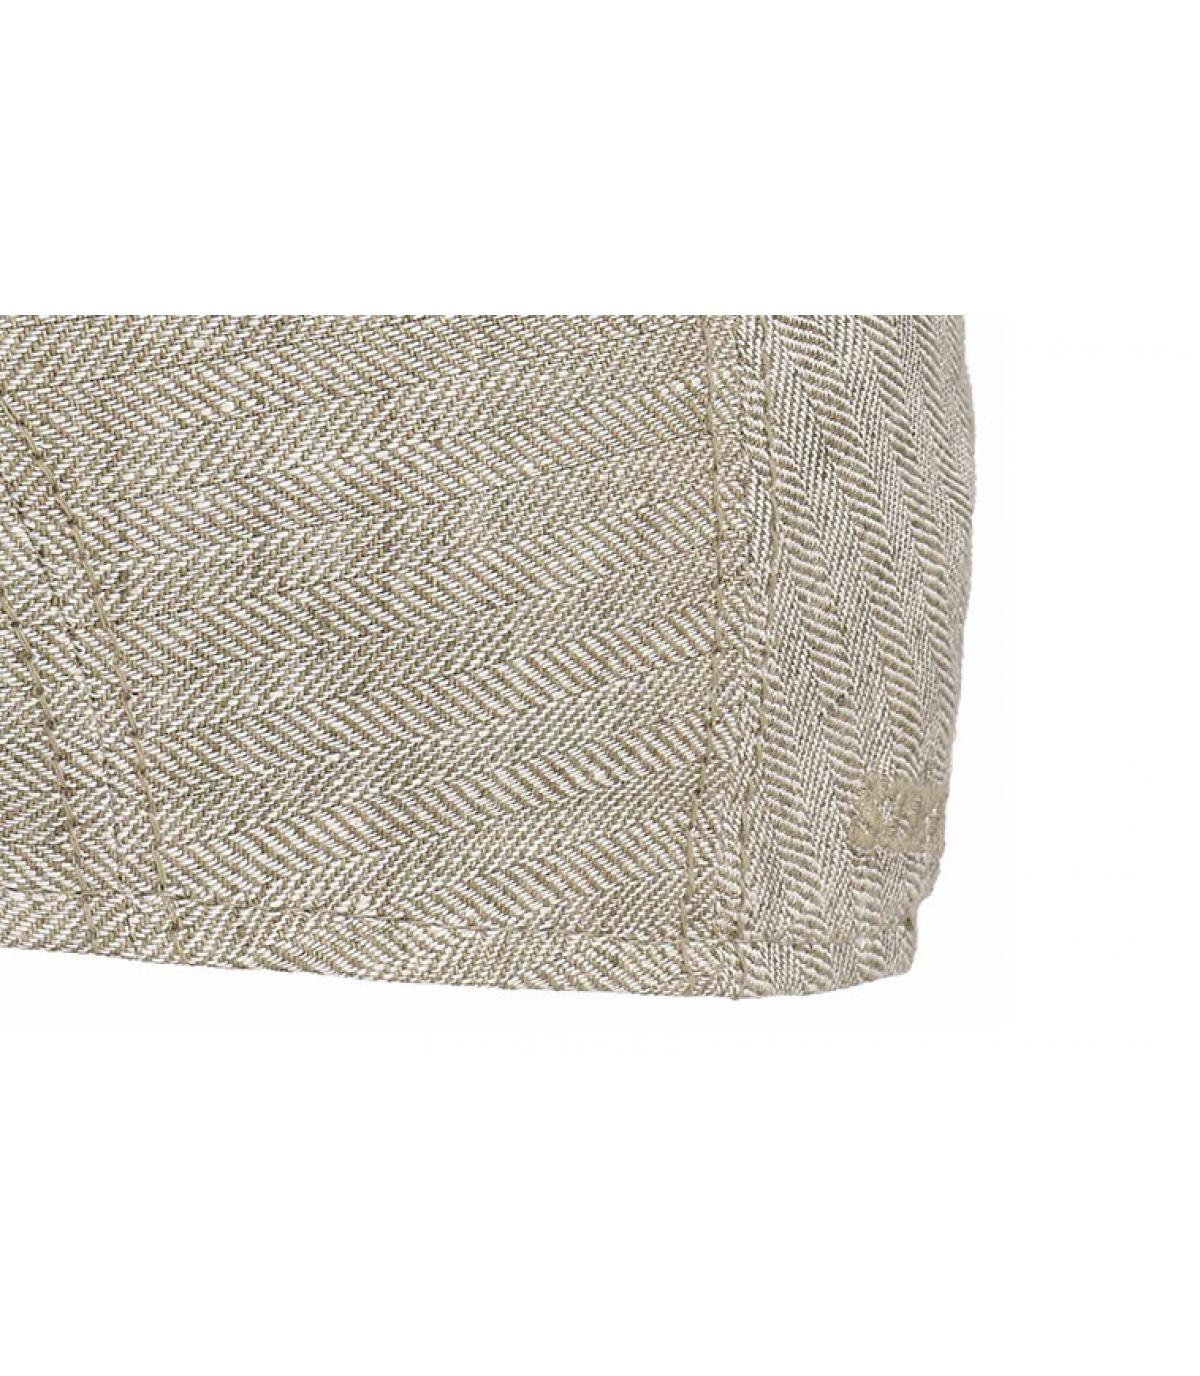 Détails Ivy cap linen beige - image 3